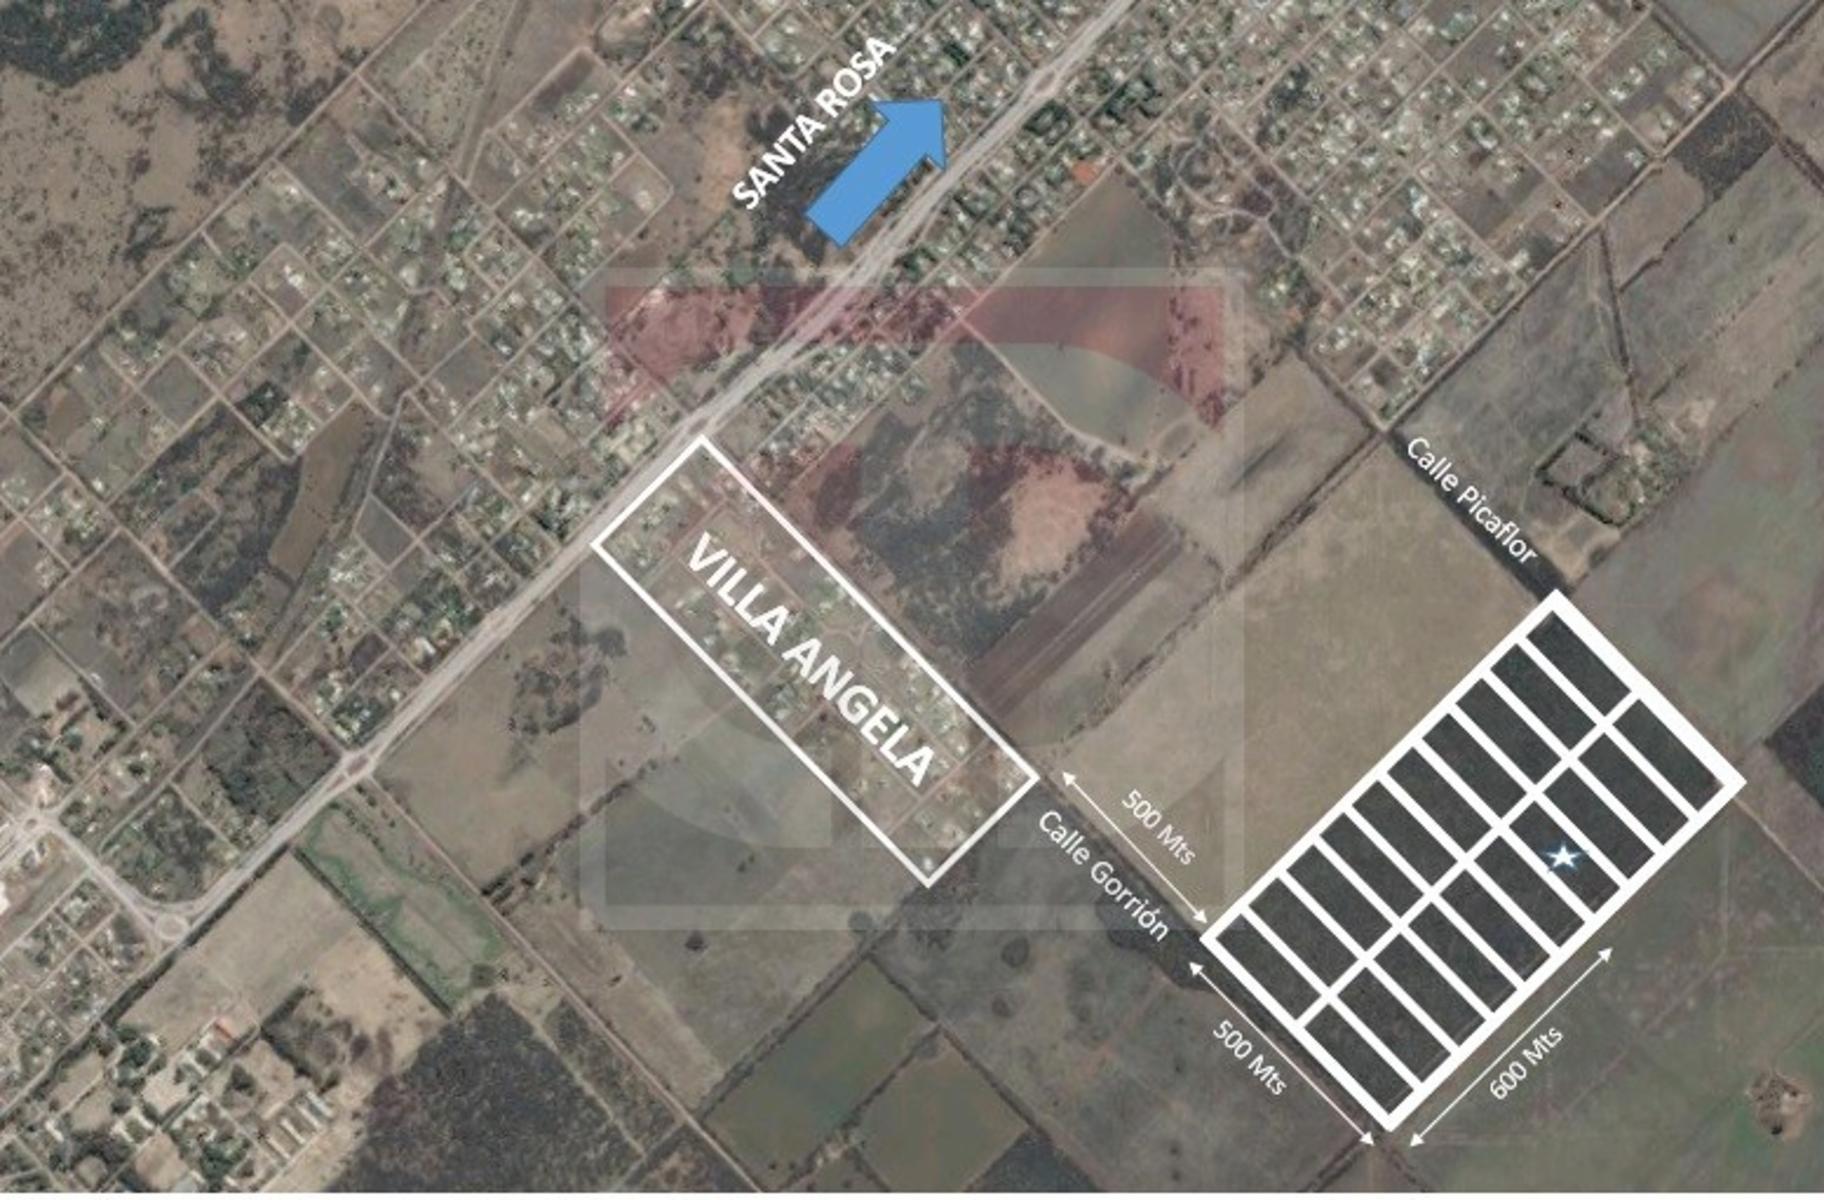 Venta lote de 2,5 hectáreas en Toay, DAIANA DOMINGUEZ NEGOCIOS INMOBILIARIOS